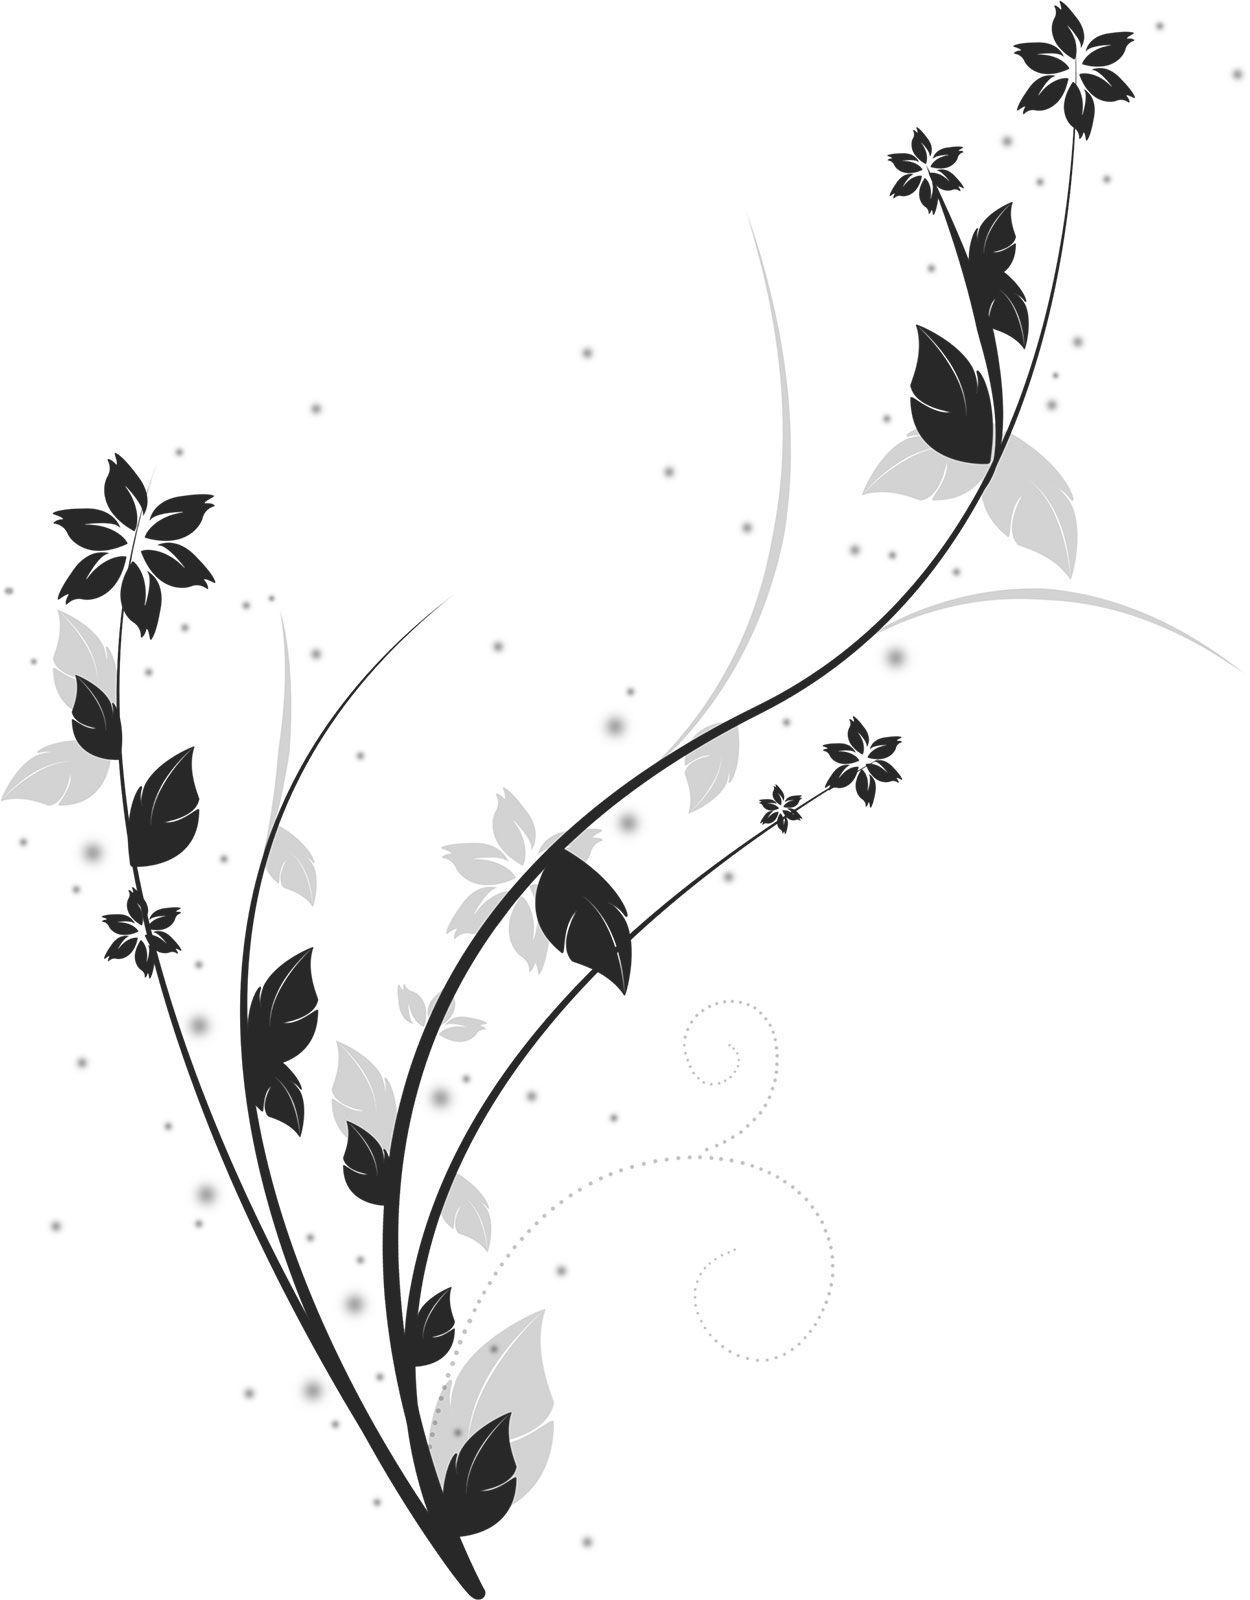 可愛い花のイラスト 白黒茎葉s字 Gorros Bufandas Imaginacion